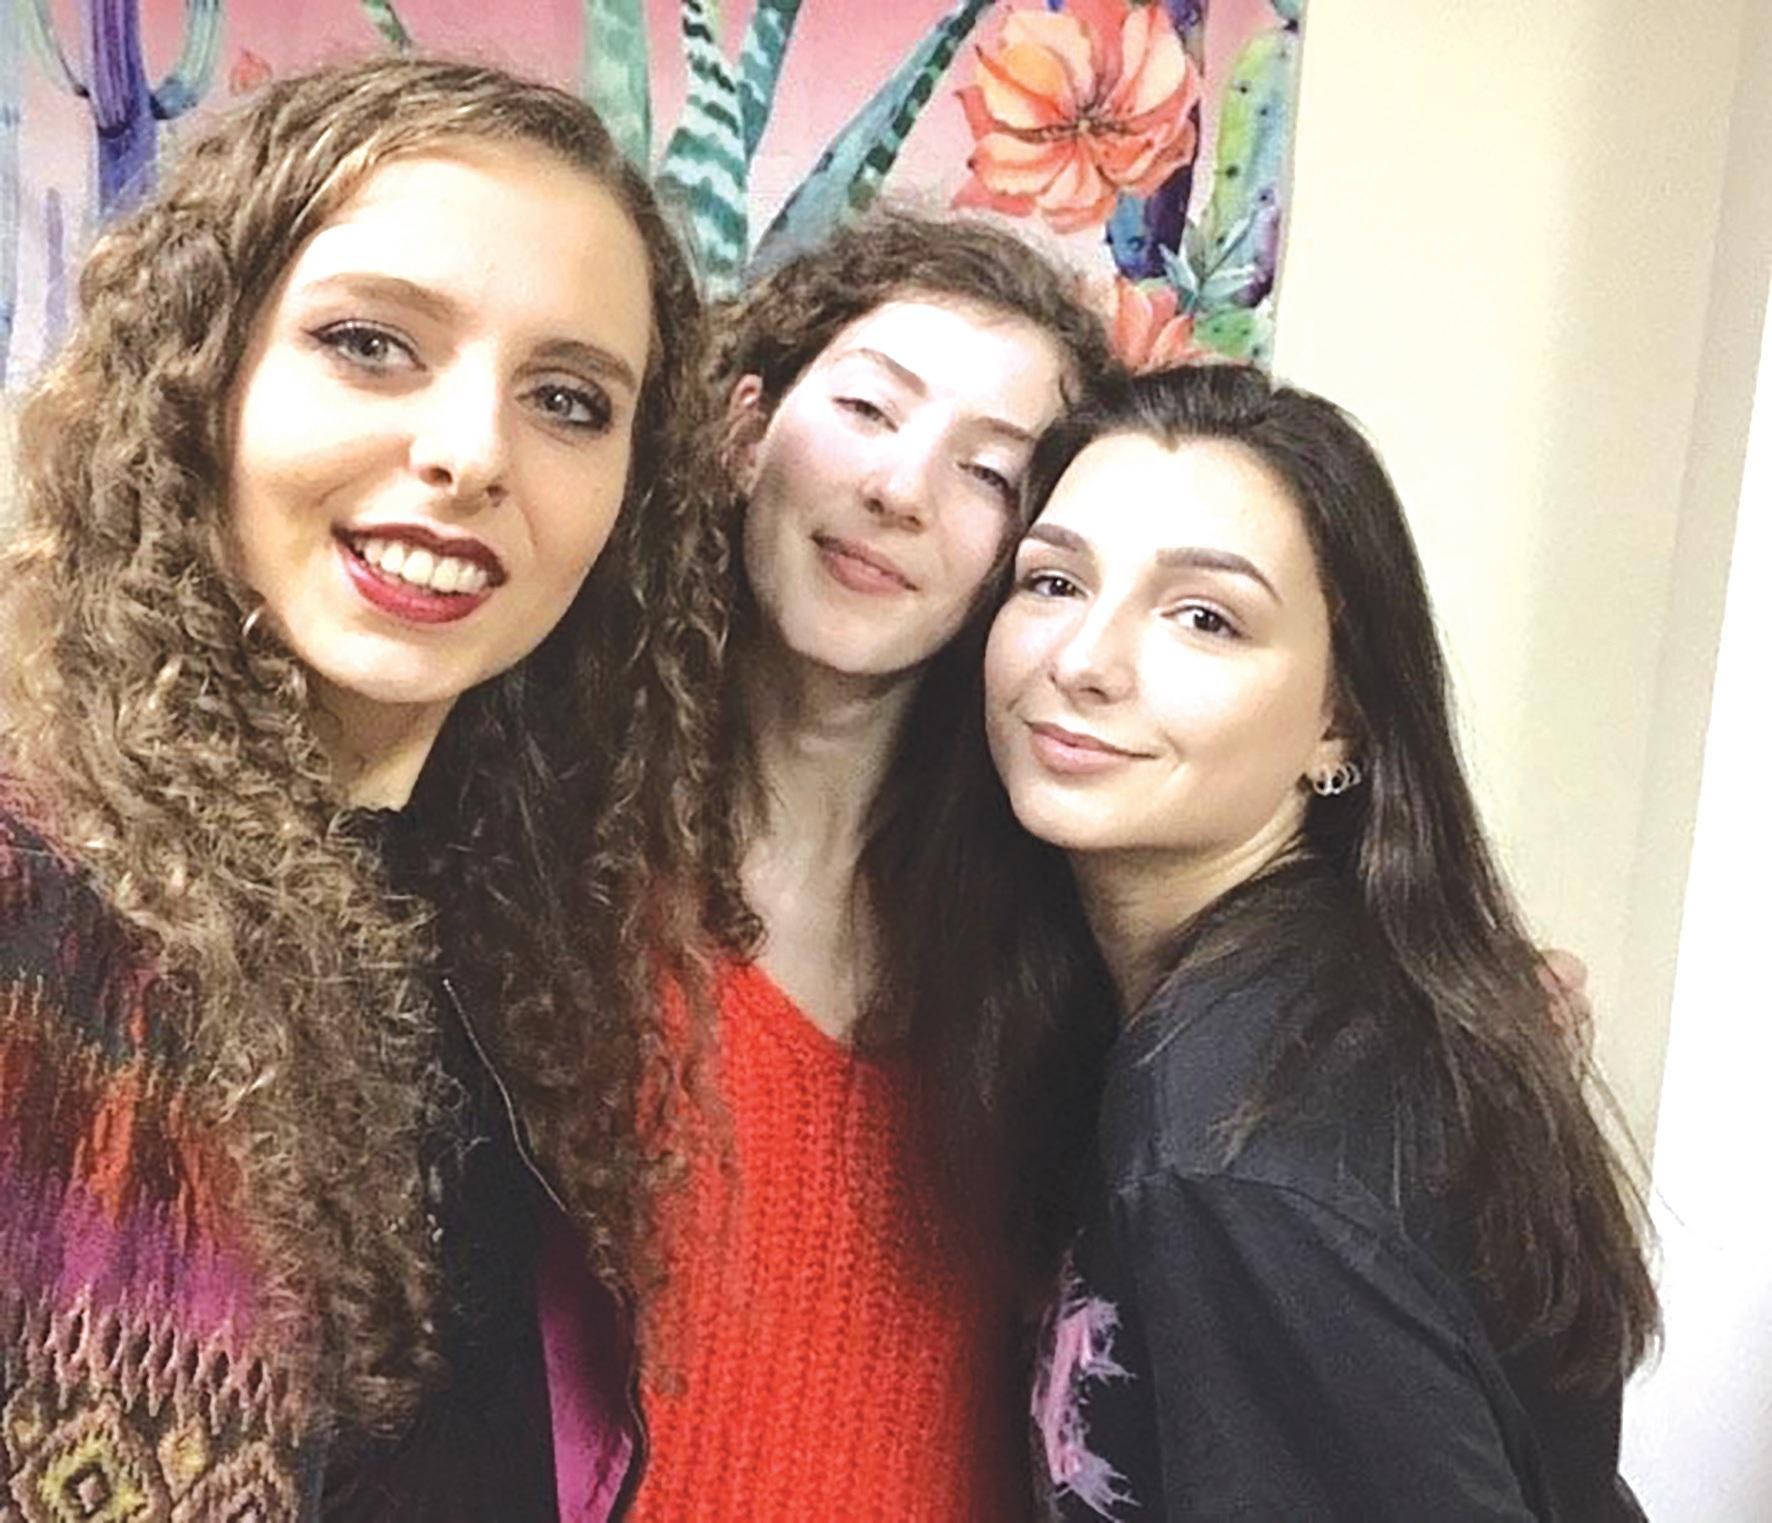 Karolina (pirma dešinėje) susidraugavo su merginomis iš Britanijos./Asmeninio archyvo nuotr.